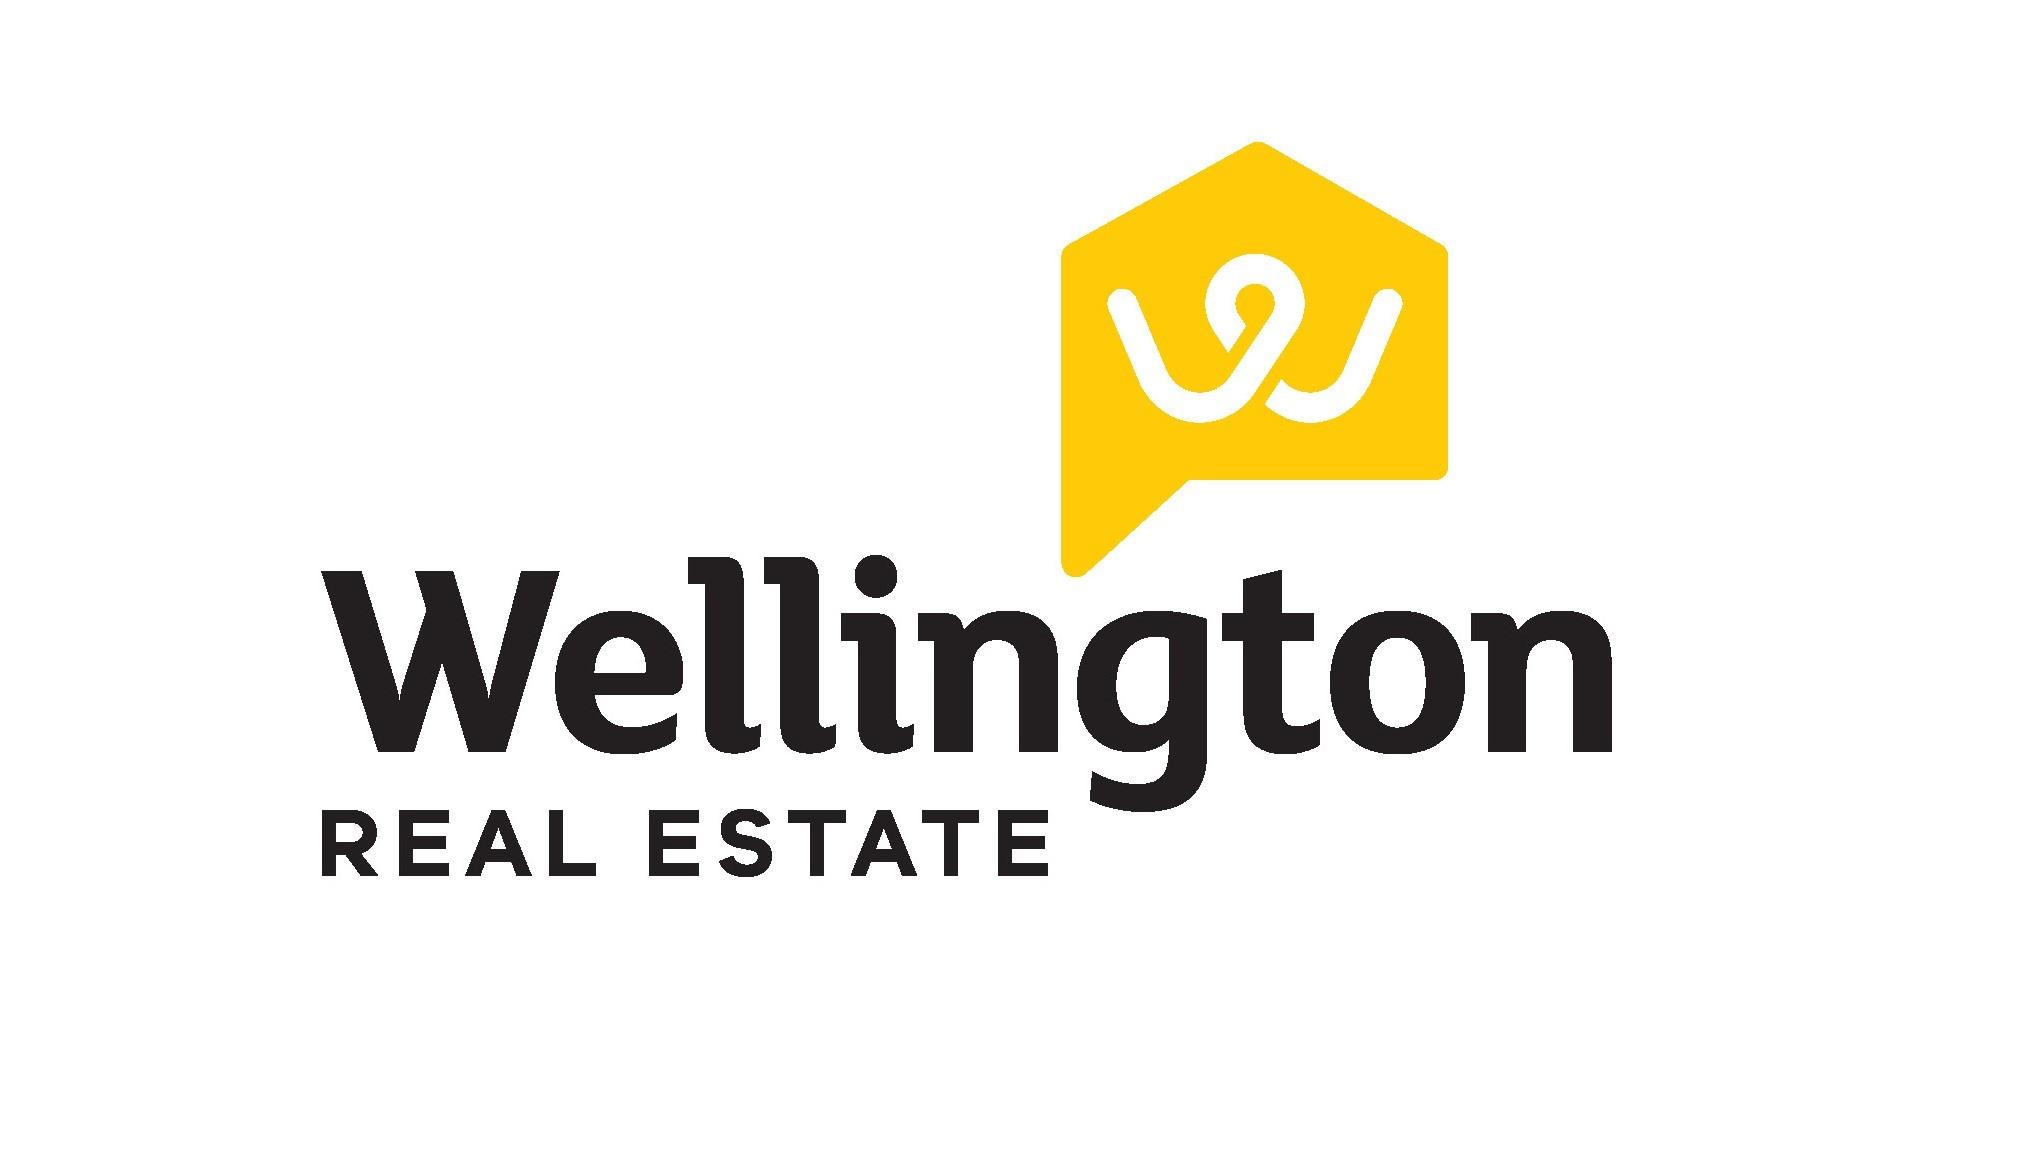 Wellington Realestate - Logo